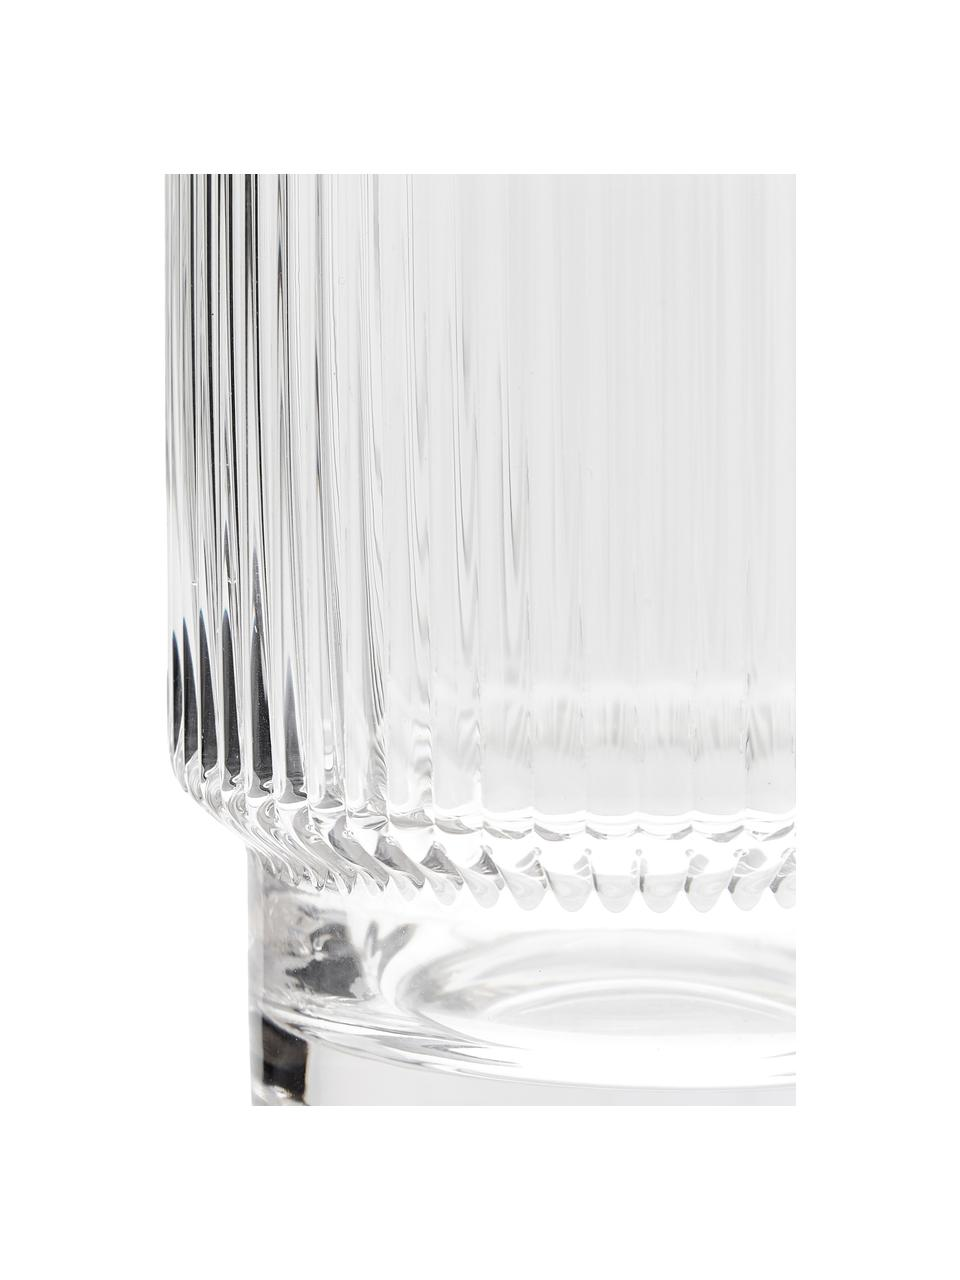 Handgemaakte waterglazen Minna met groefreliëf, 4 stuks, Mondgeblazen glas, Transparant, Ø 8 x H 10 cm